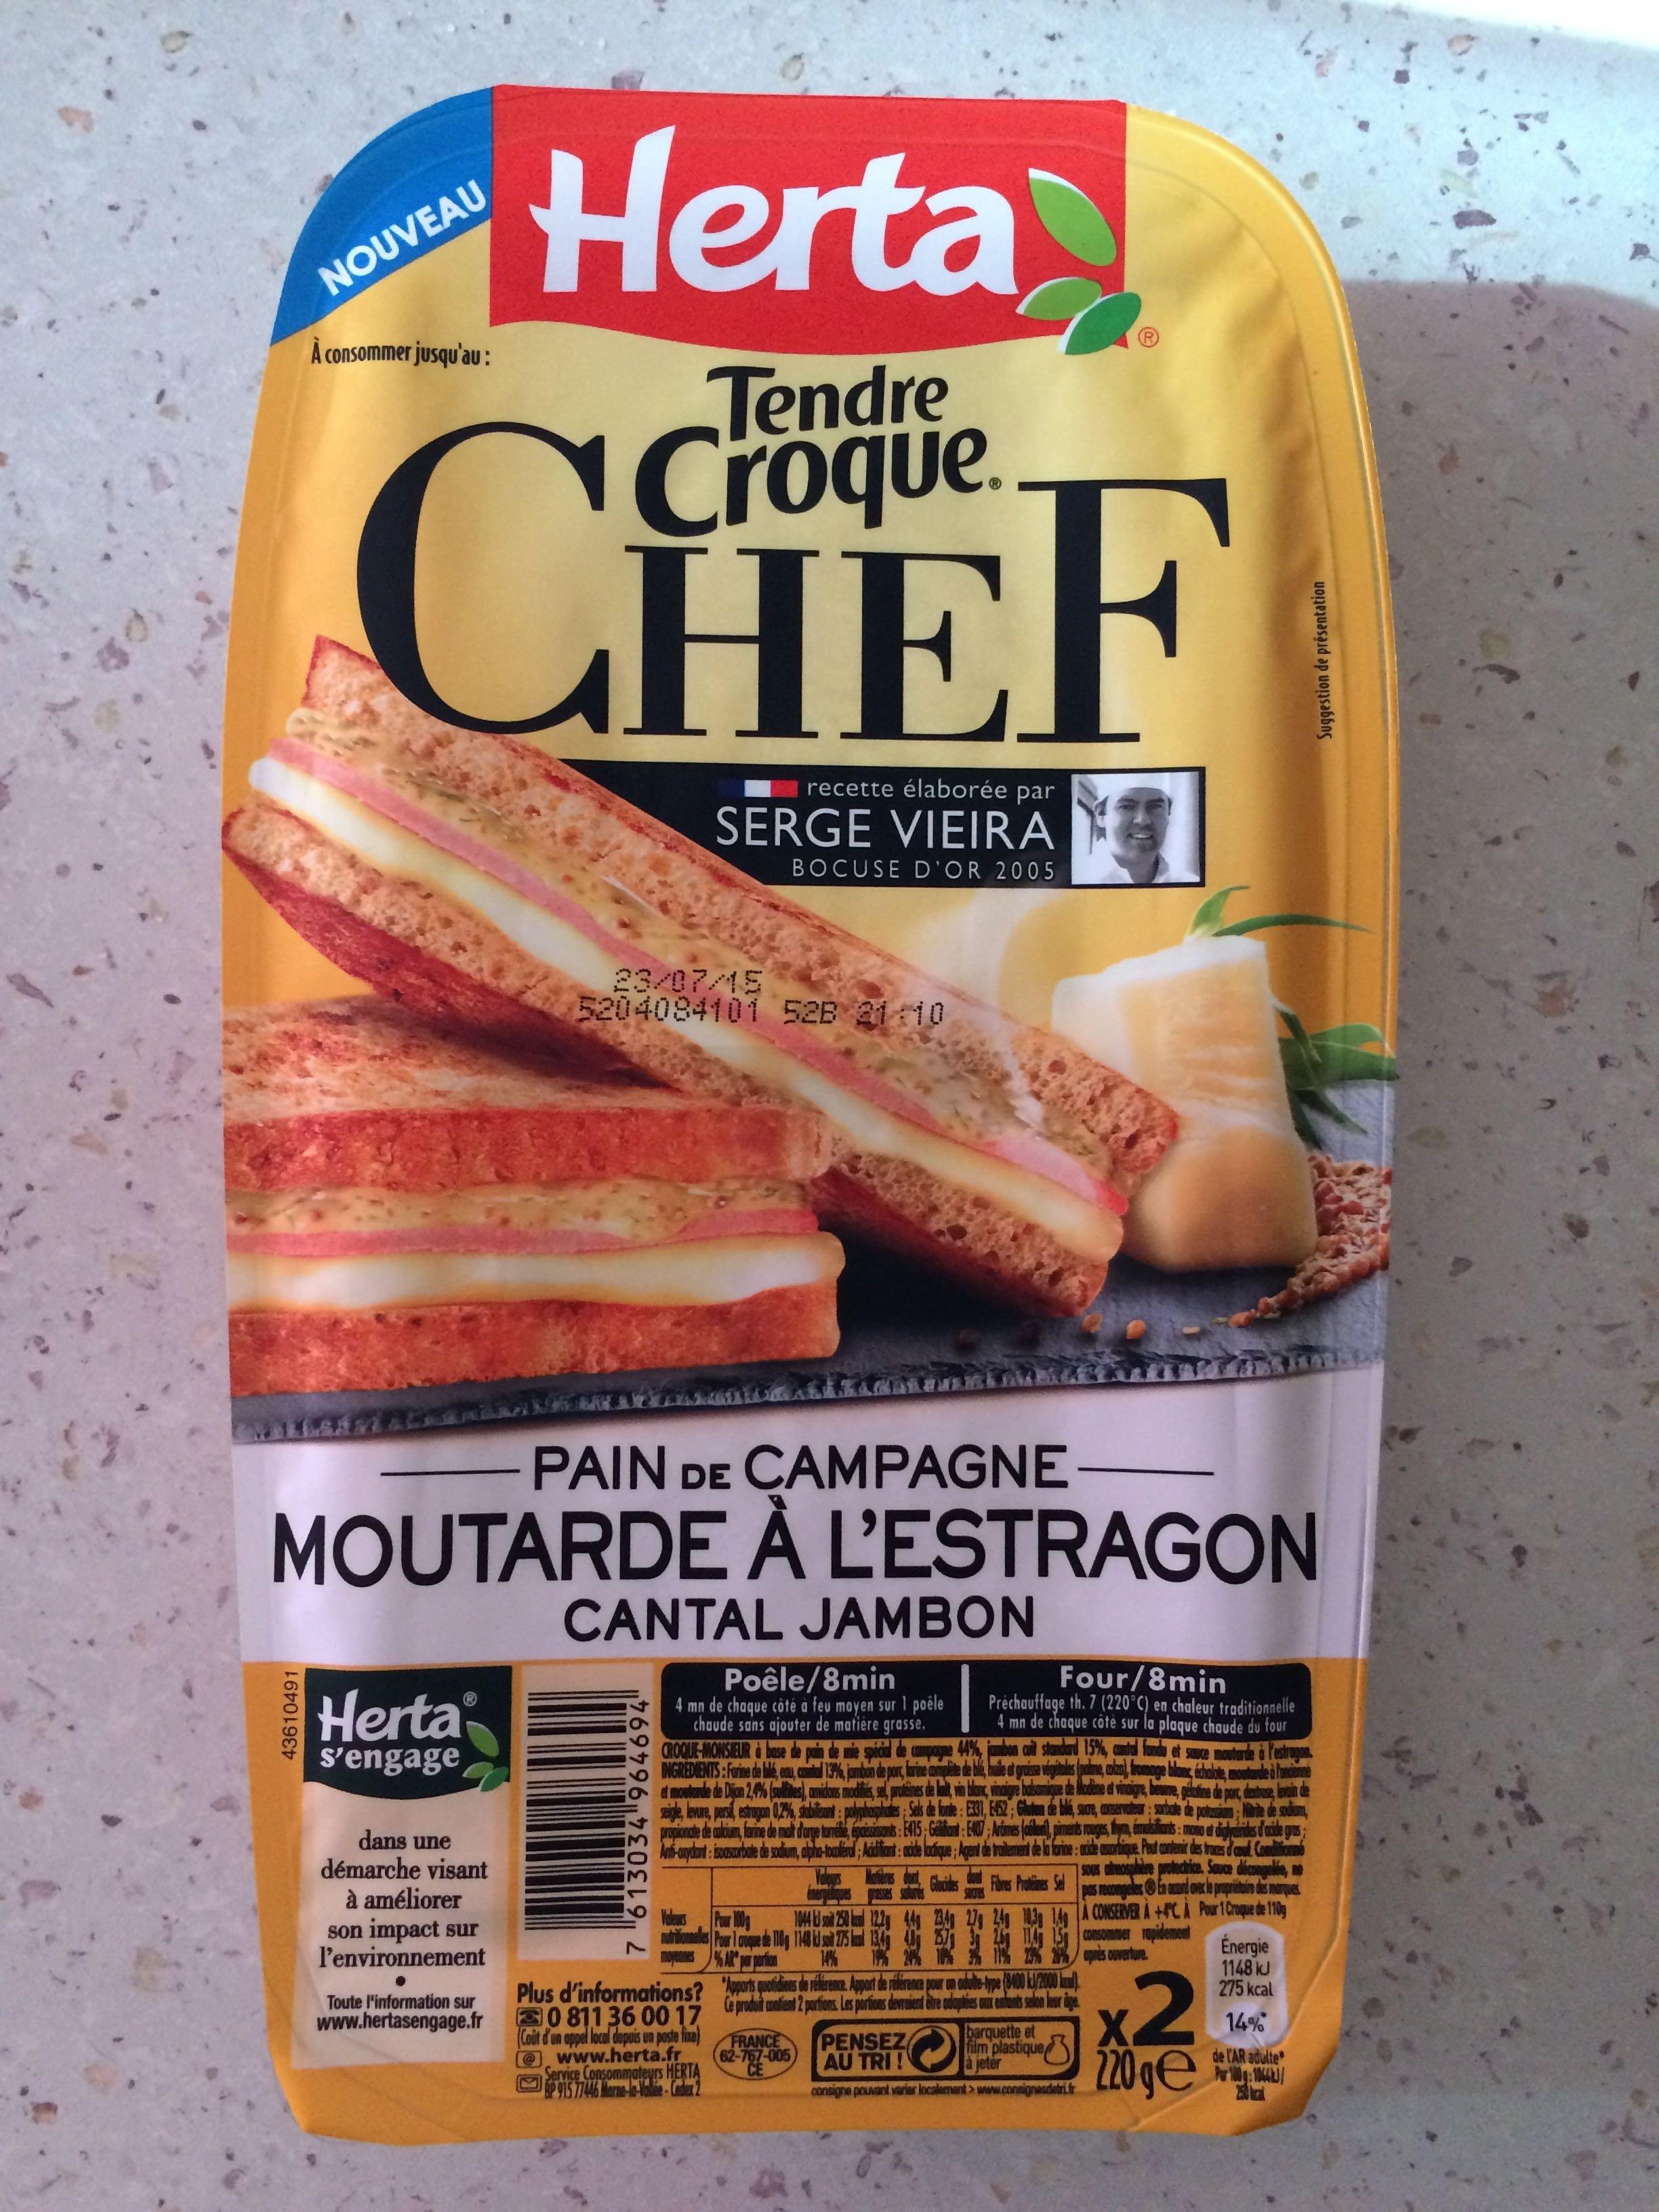 Tendre Croque Chef Pain de Campagne Moutarde à l'Estragon Cantal Jambon - Produit - fr